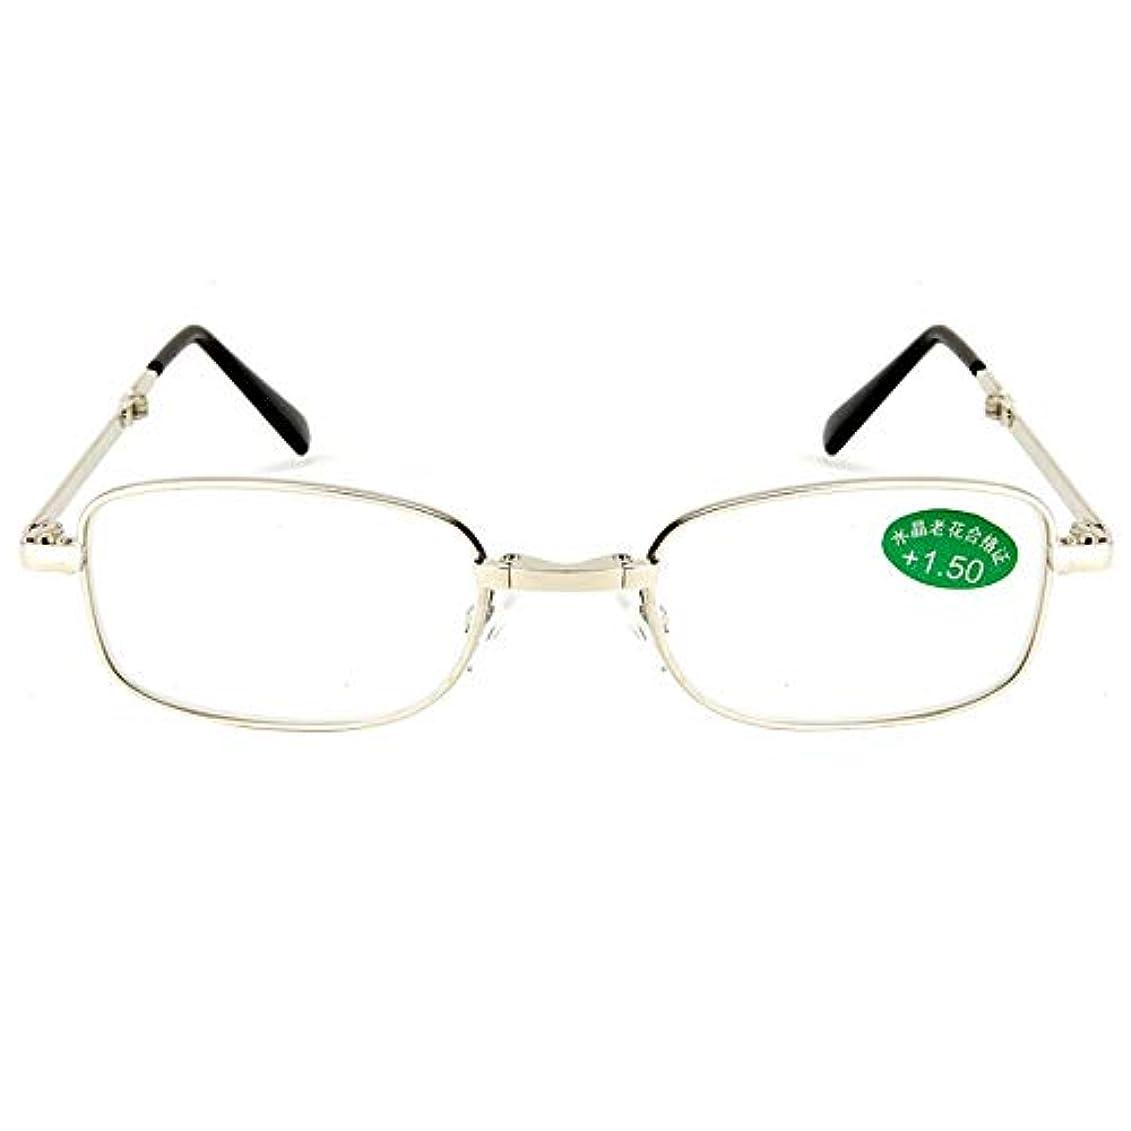 折りたたみ老眼鏡、シニアHD読書抗疲労クリスタルレンズ超軽量老眼鏡、男性と女性の携帯用老眼鏡